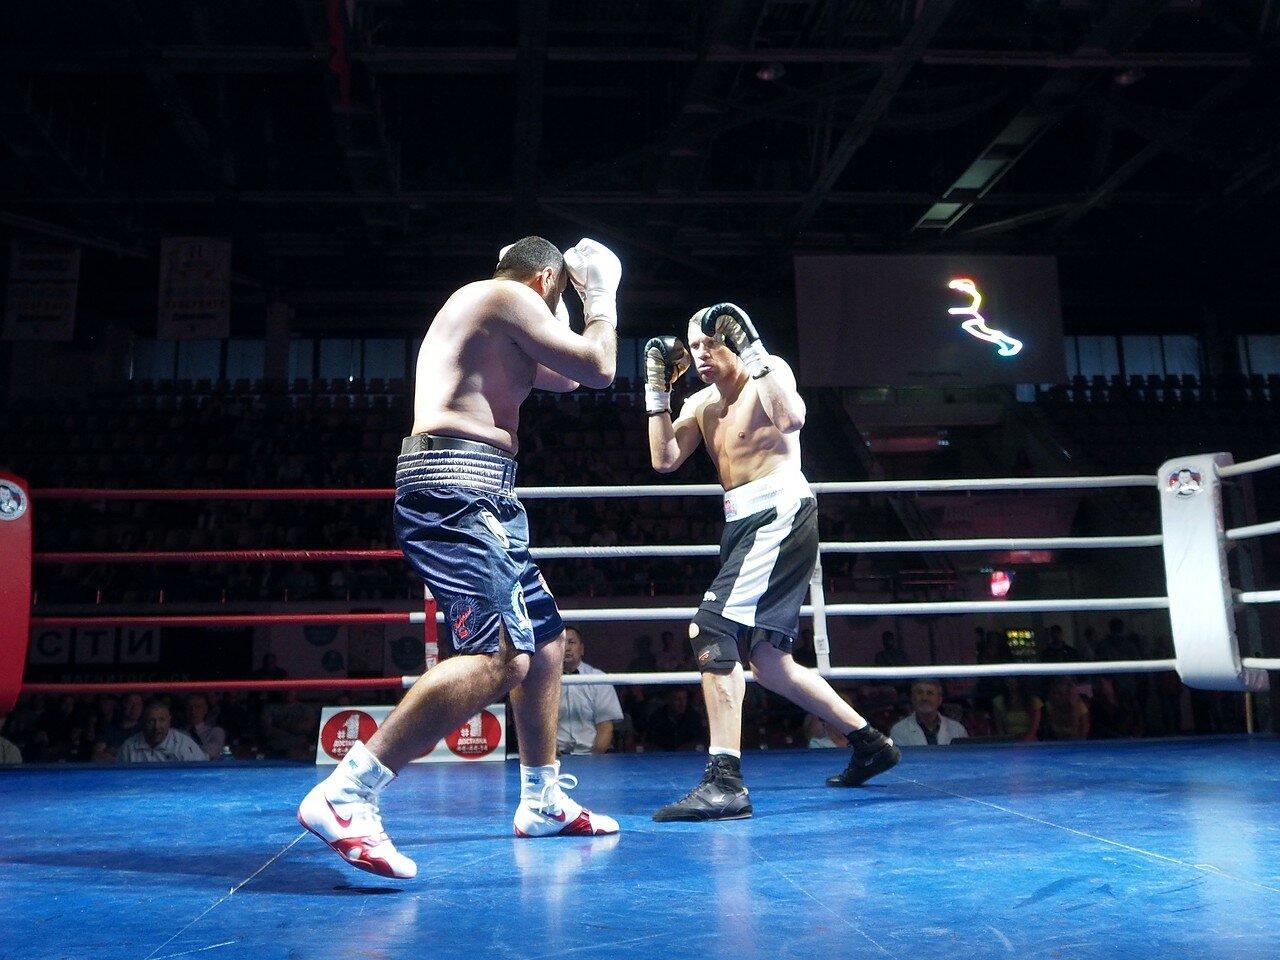 23 Вечер профессионального бокса в Магнитогорске 06.07.2017